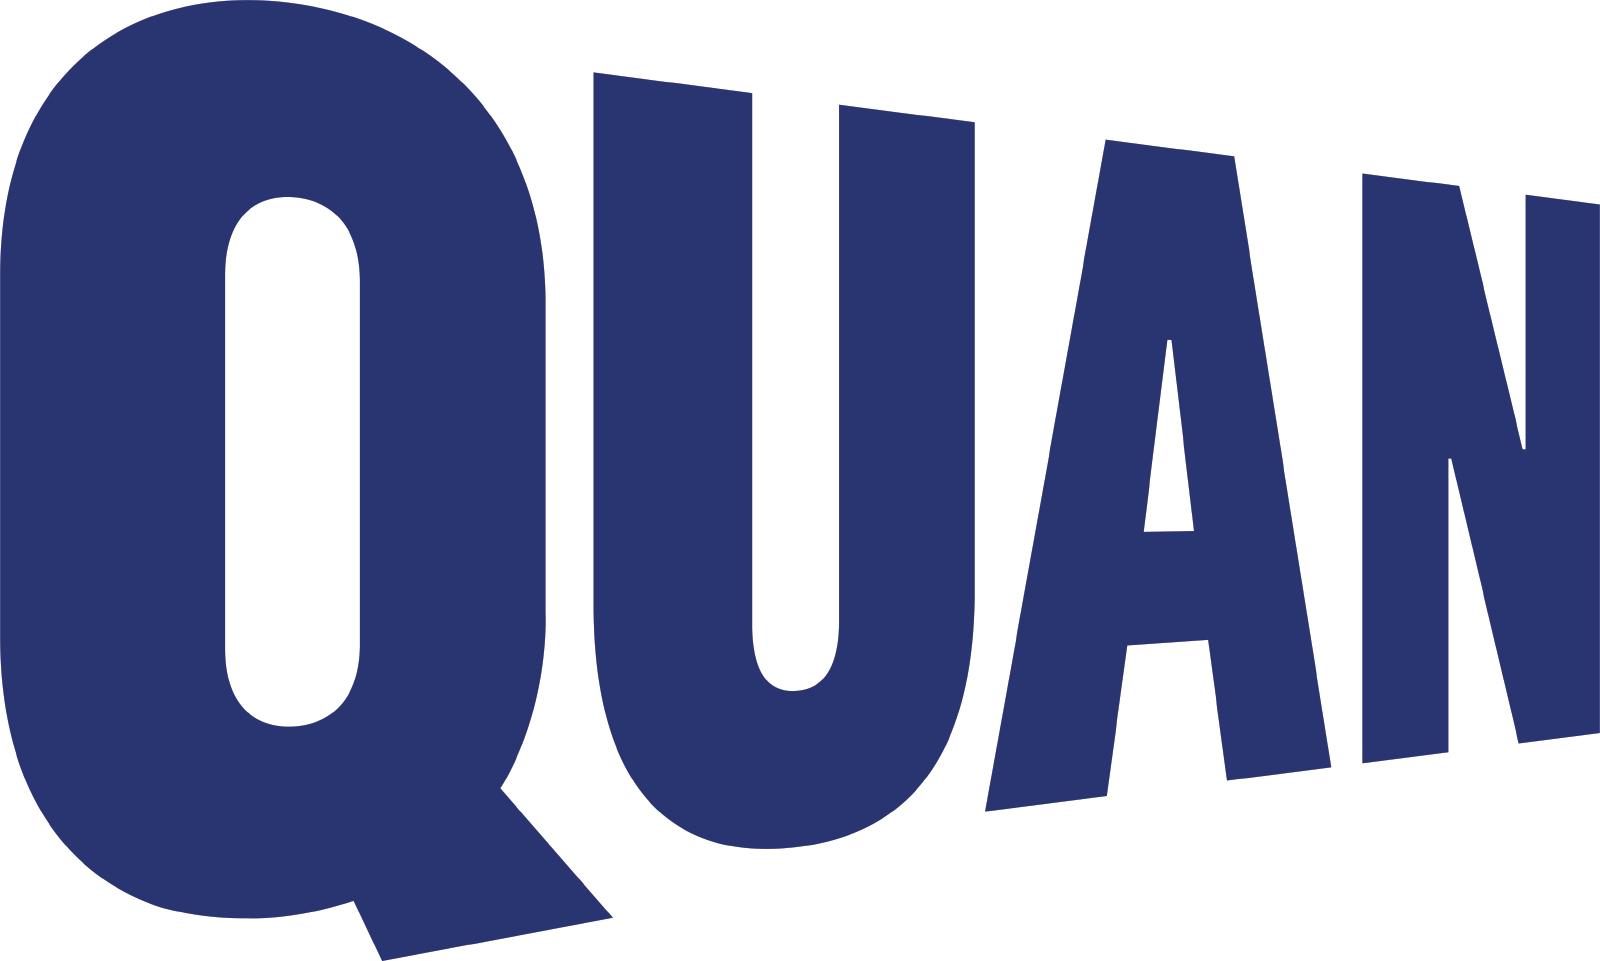 Quan - Brian Rappaport logo